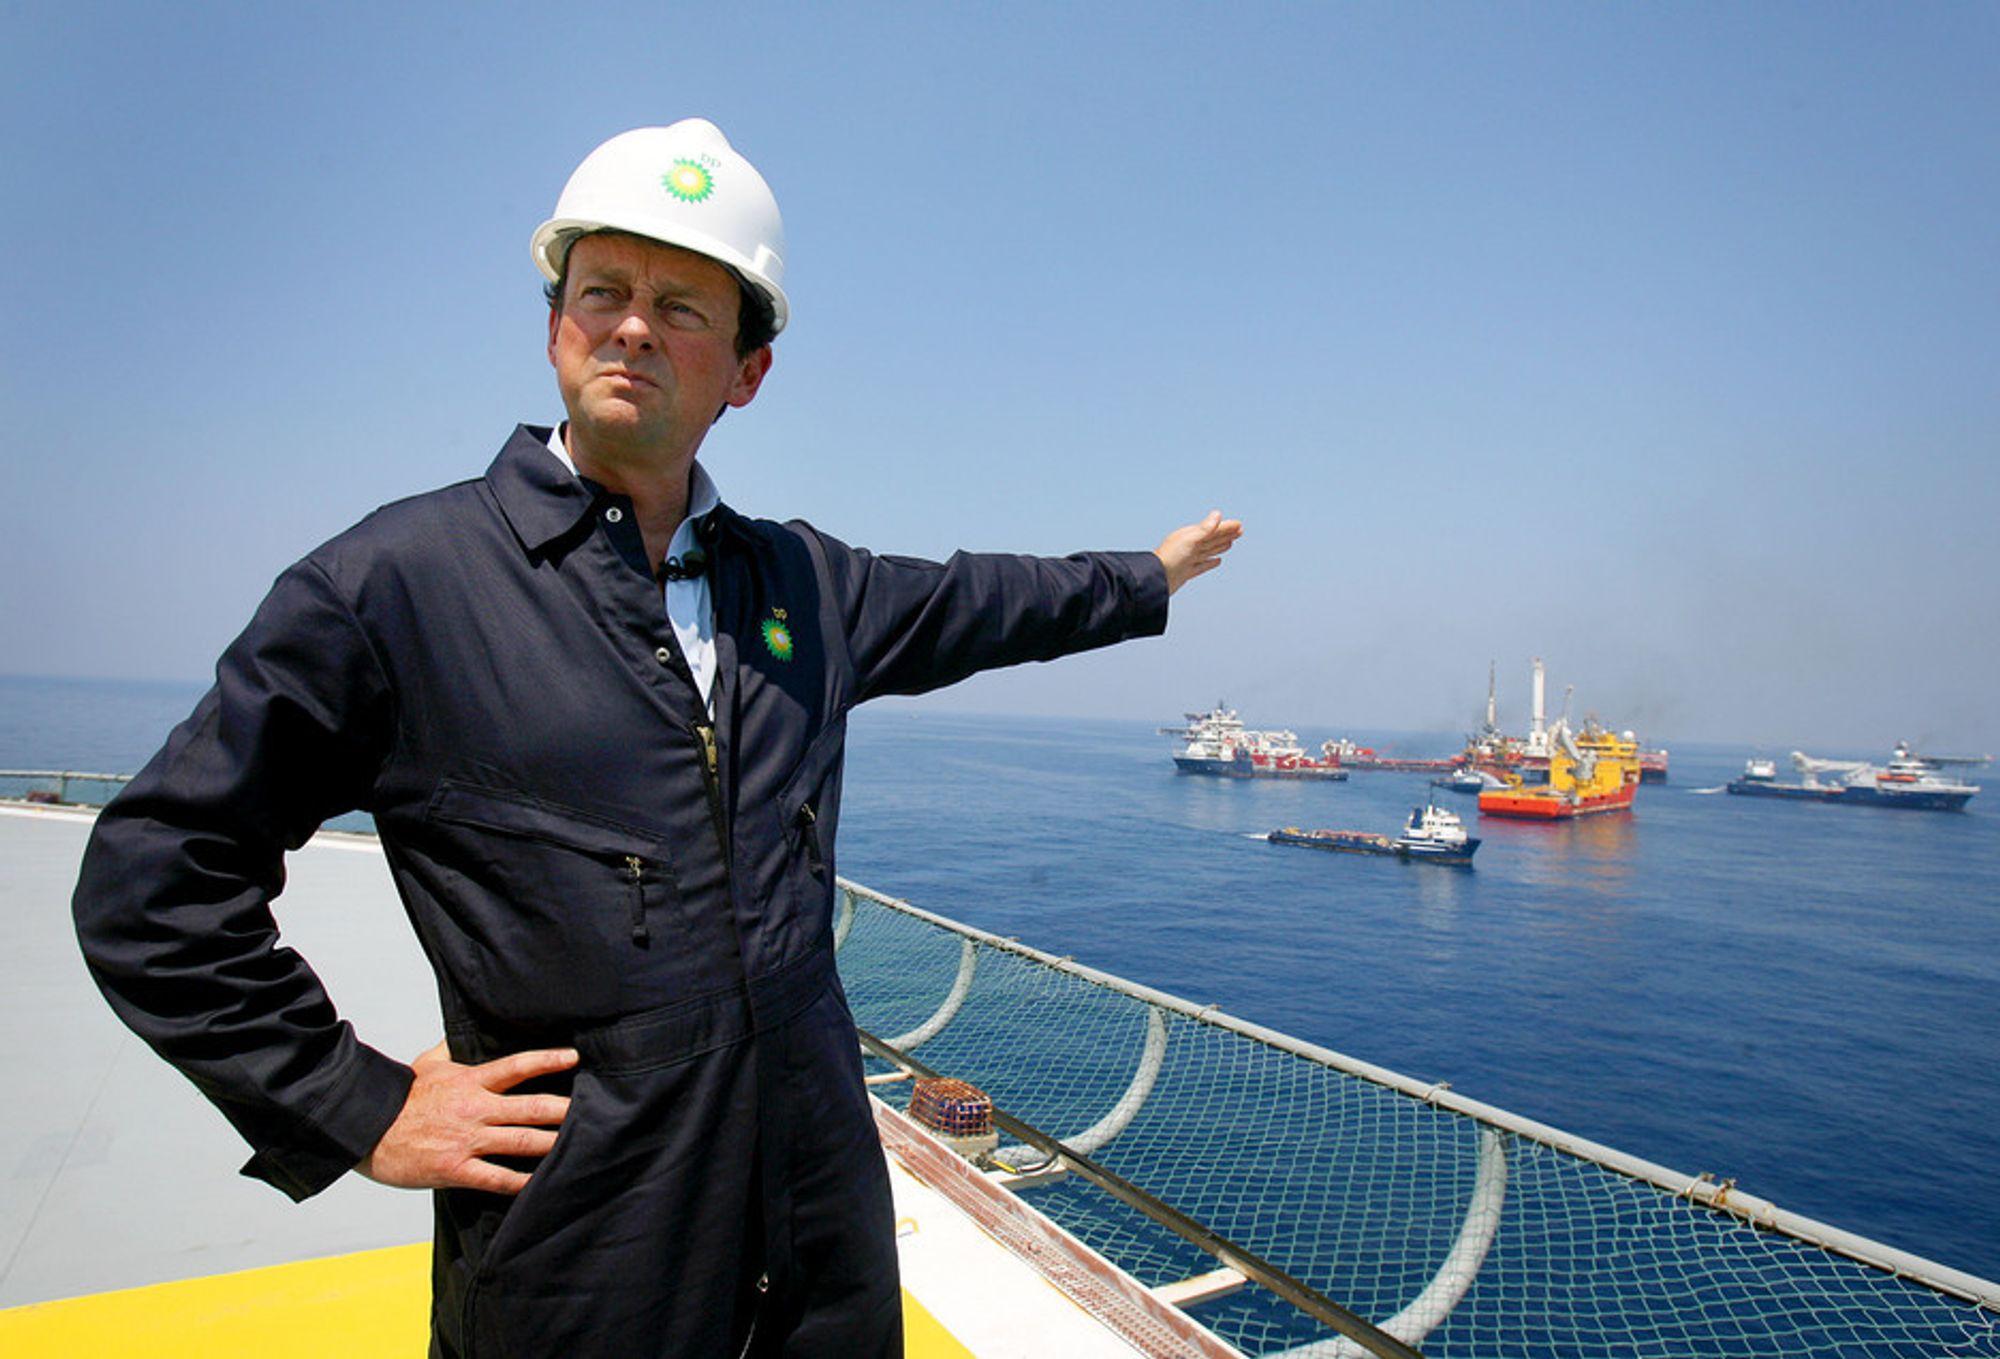 Oljeselskapet BP greier nå å fange opp 10.000 fat olje i døgnet fra den store lekkasjen i Mexicogolfen, sier selskapets direktør Tony Hayward.